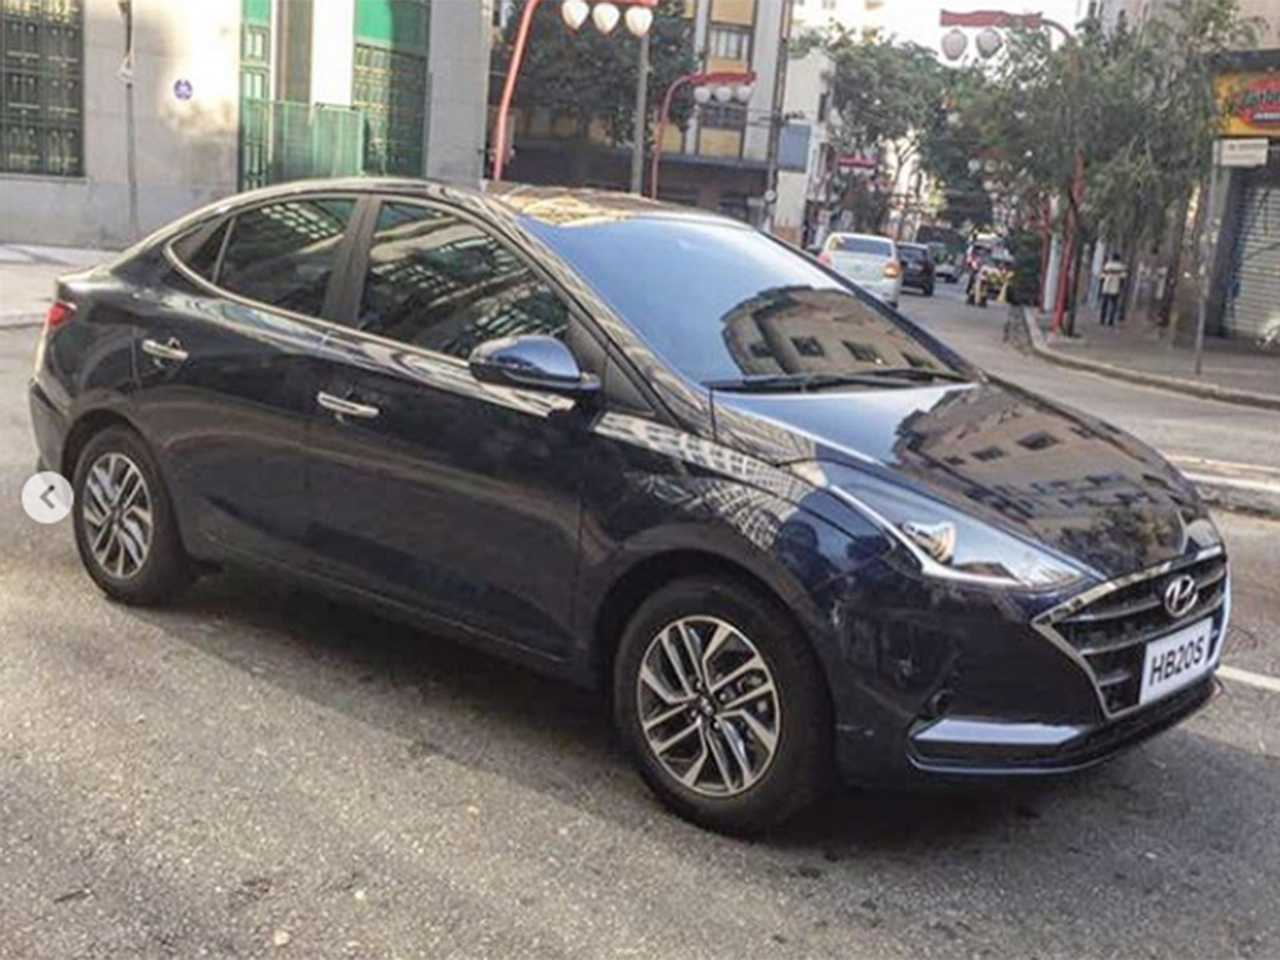 Flagra publicado no Instagram antecipando a nova geração do Hyundai HB20S